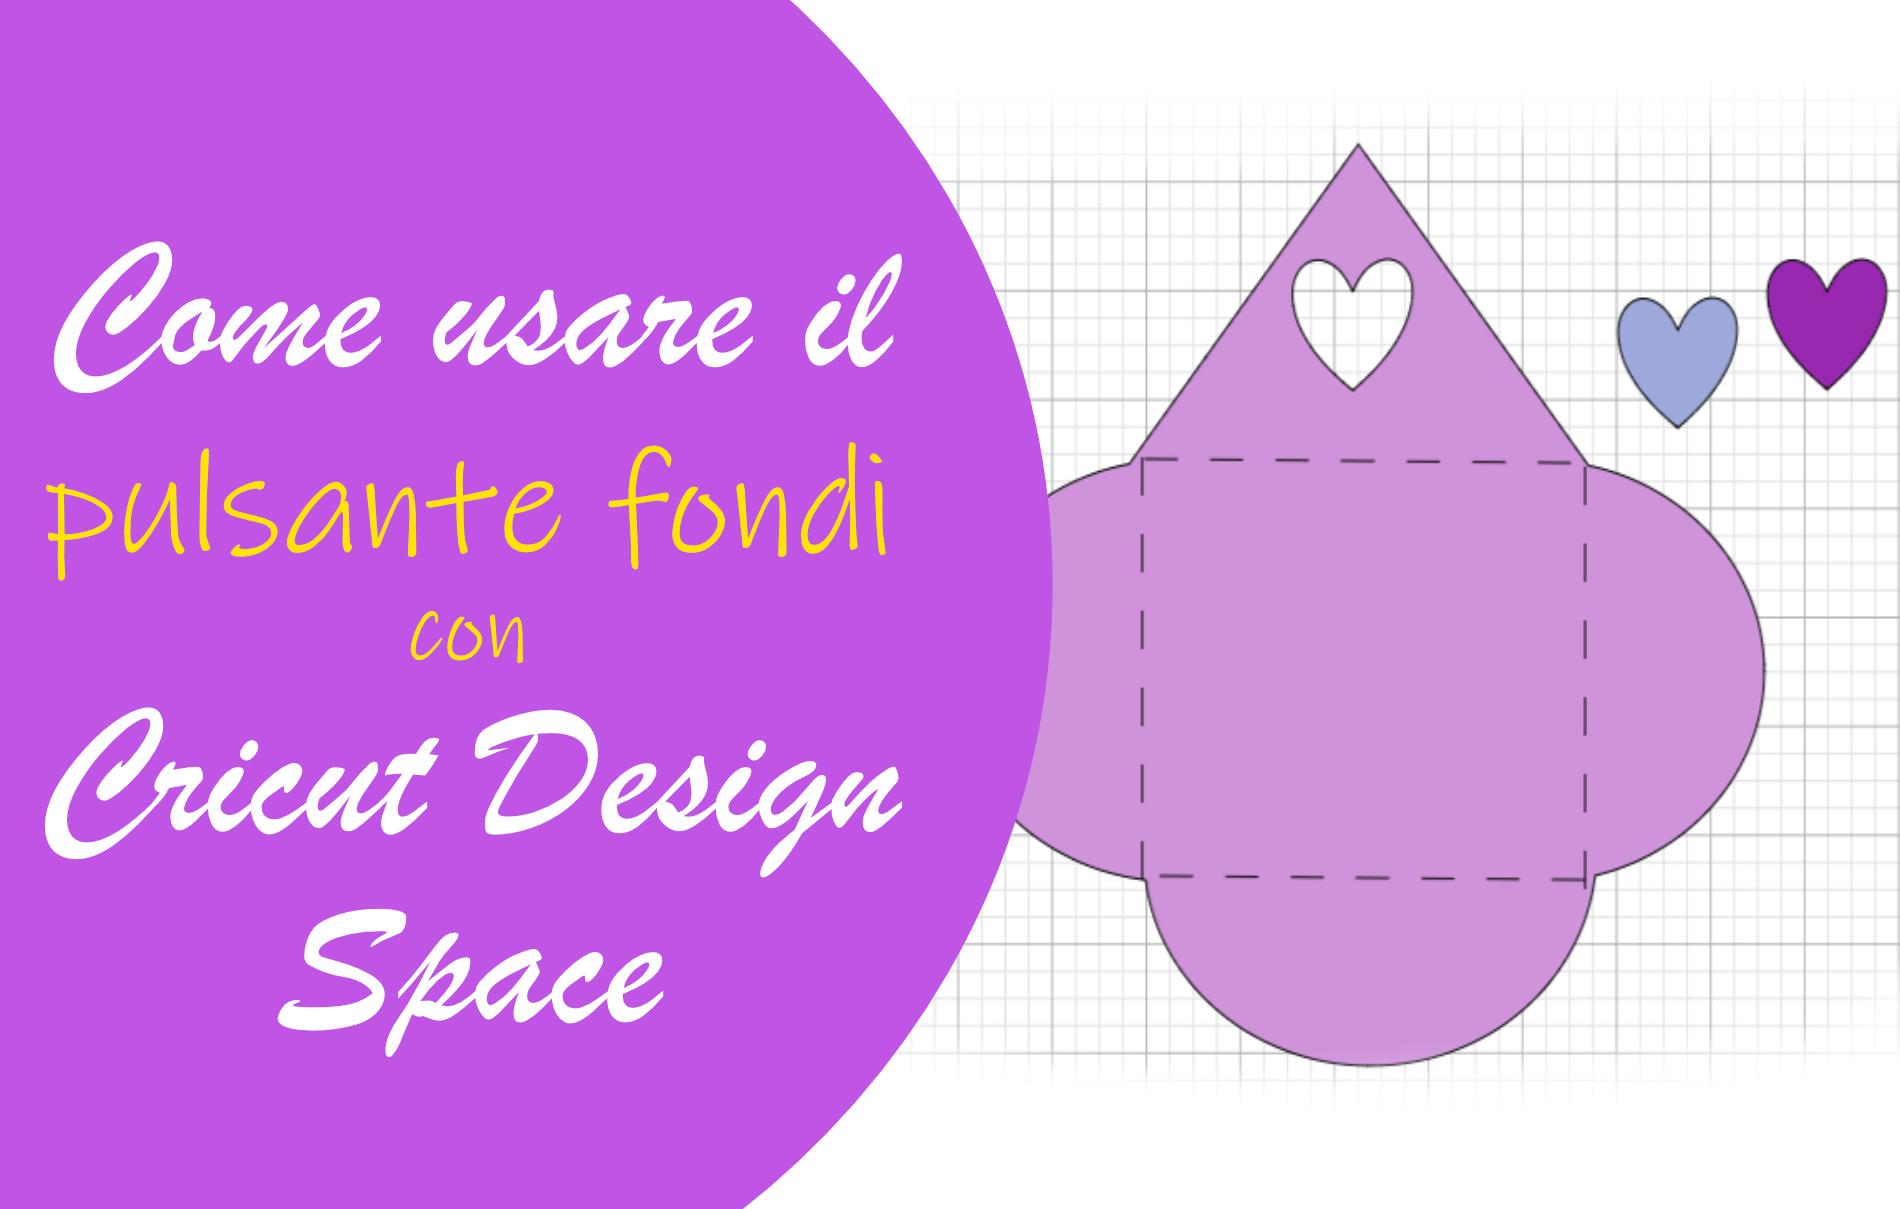 Cricut Design Space pulsante fondi